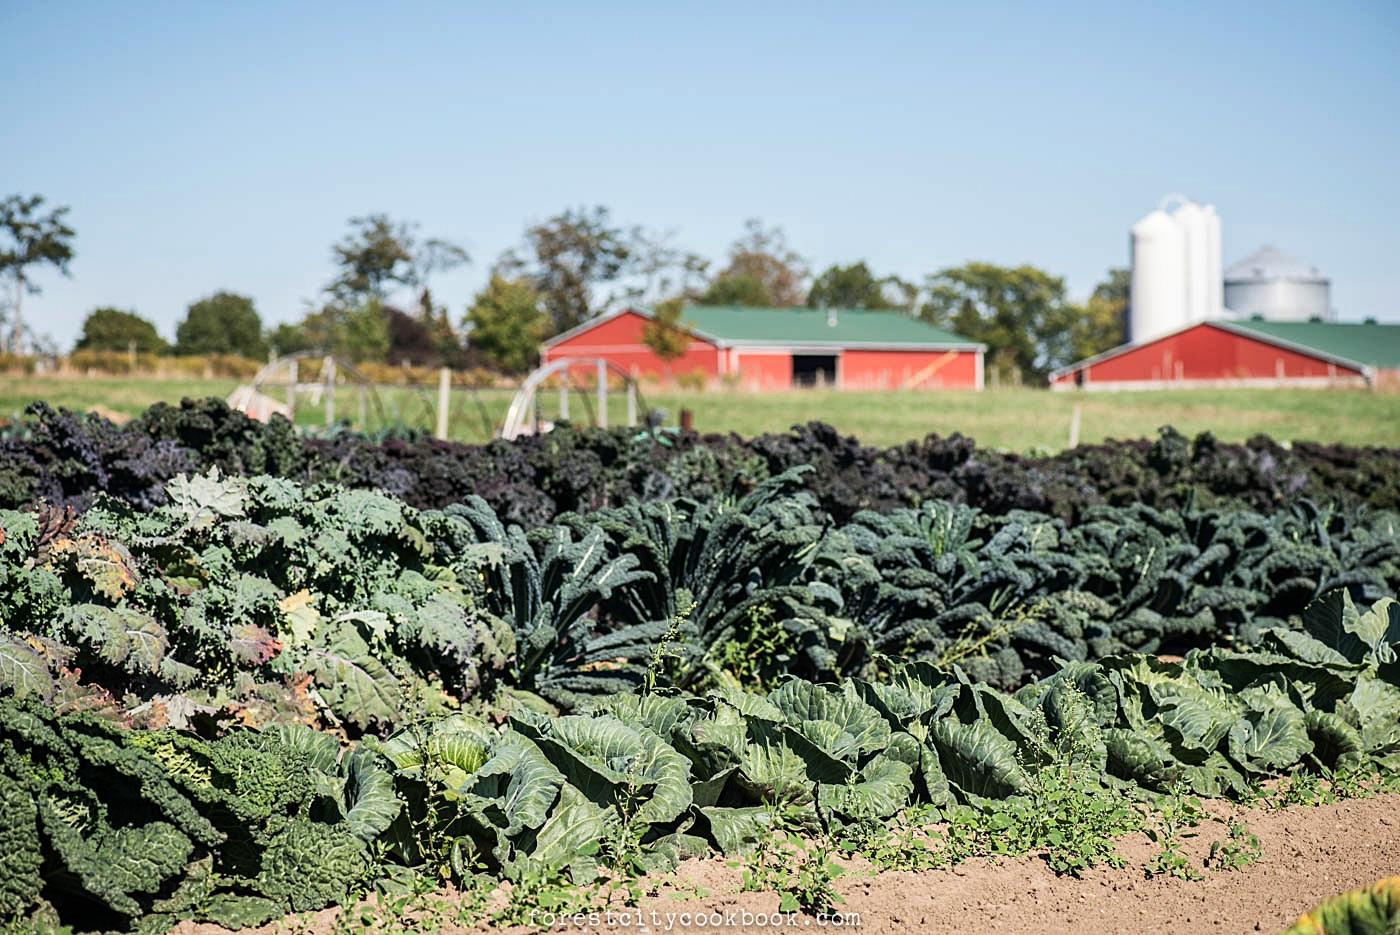 Forest City Cookbook - Farmer friends-part 3